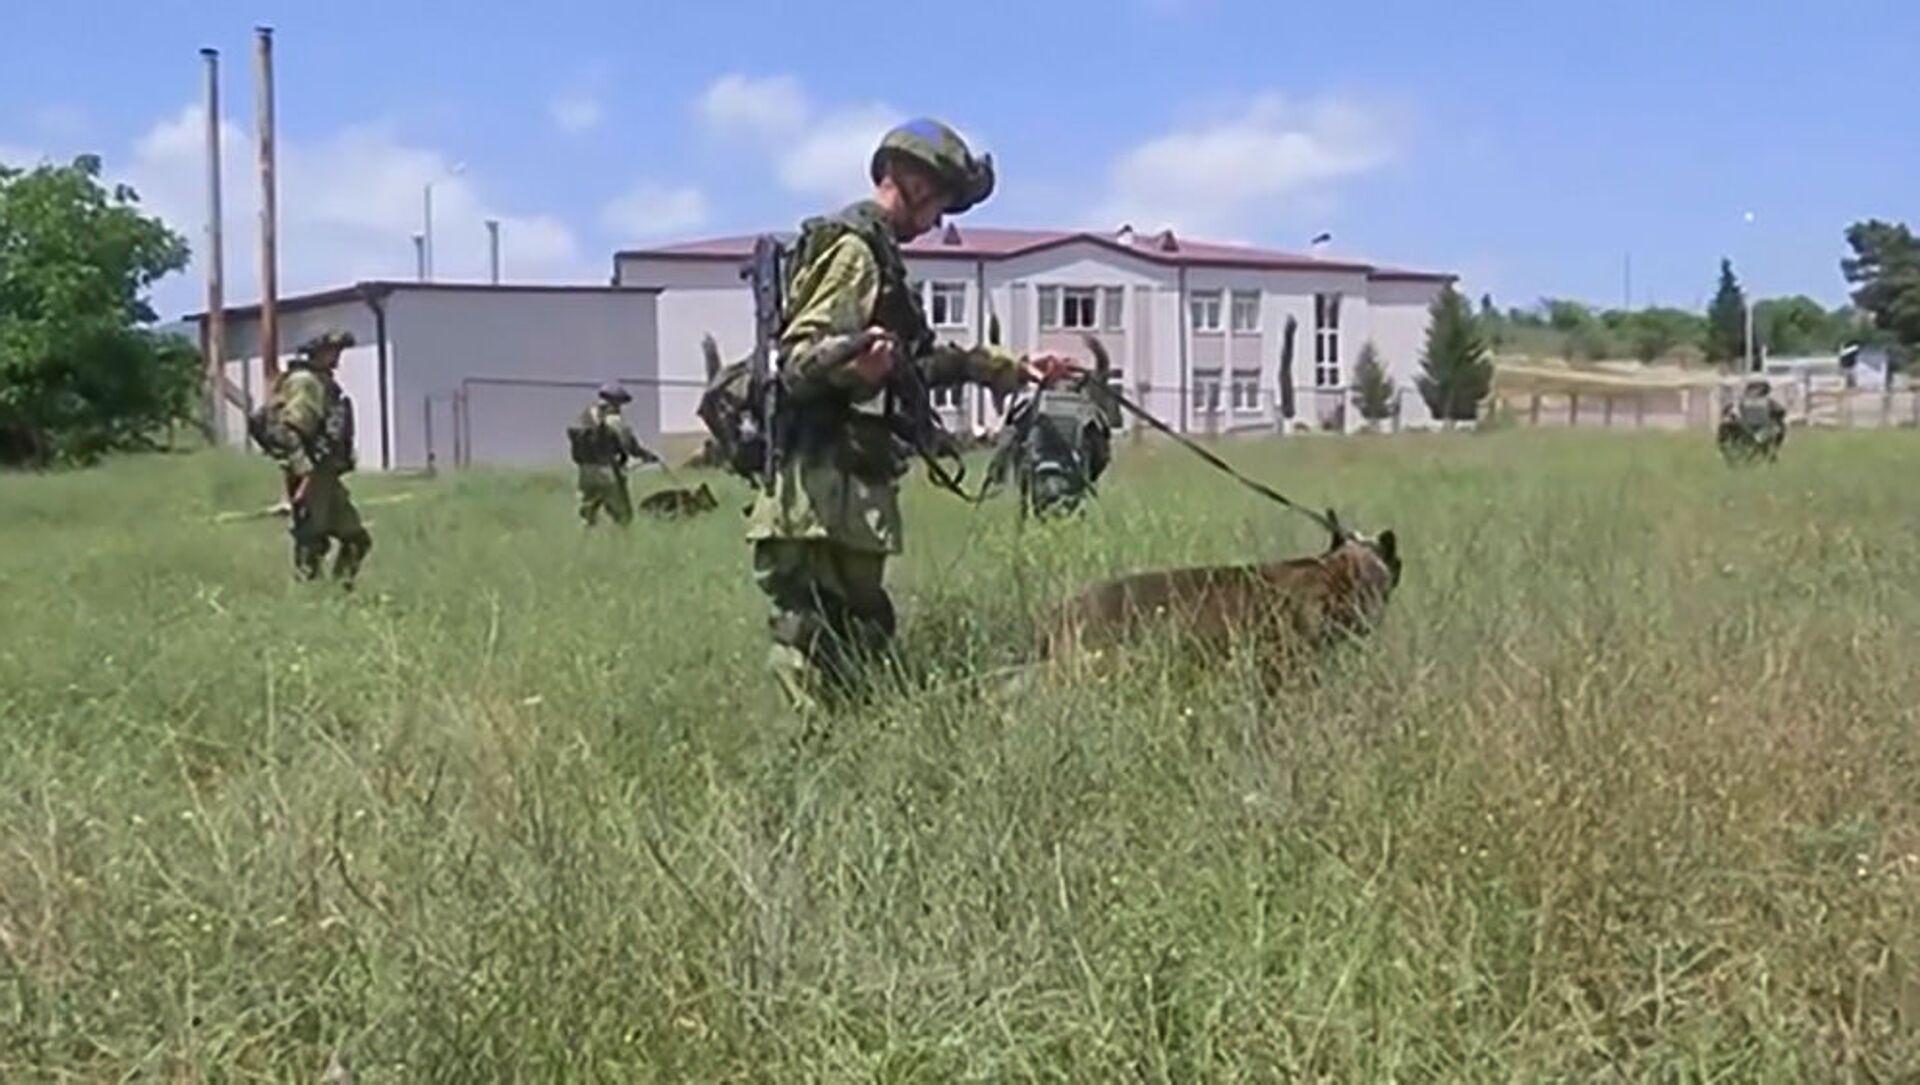 Российские саперы  очищают местность от взрывоопасных предметов в населённом пункте Сос - Sputnik Արմենիա, 1920, 06.08.2021